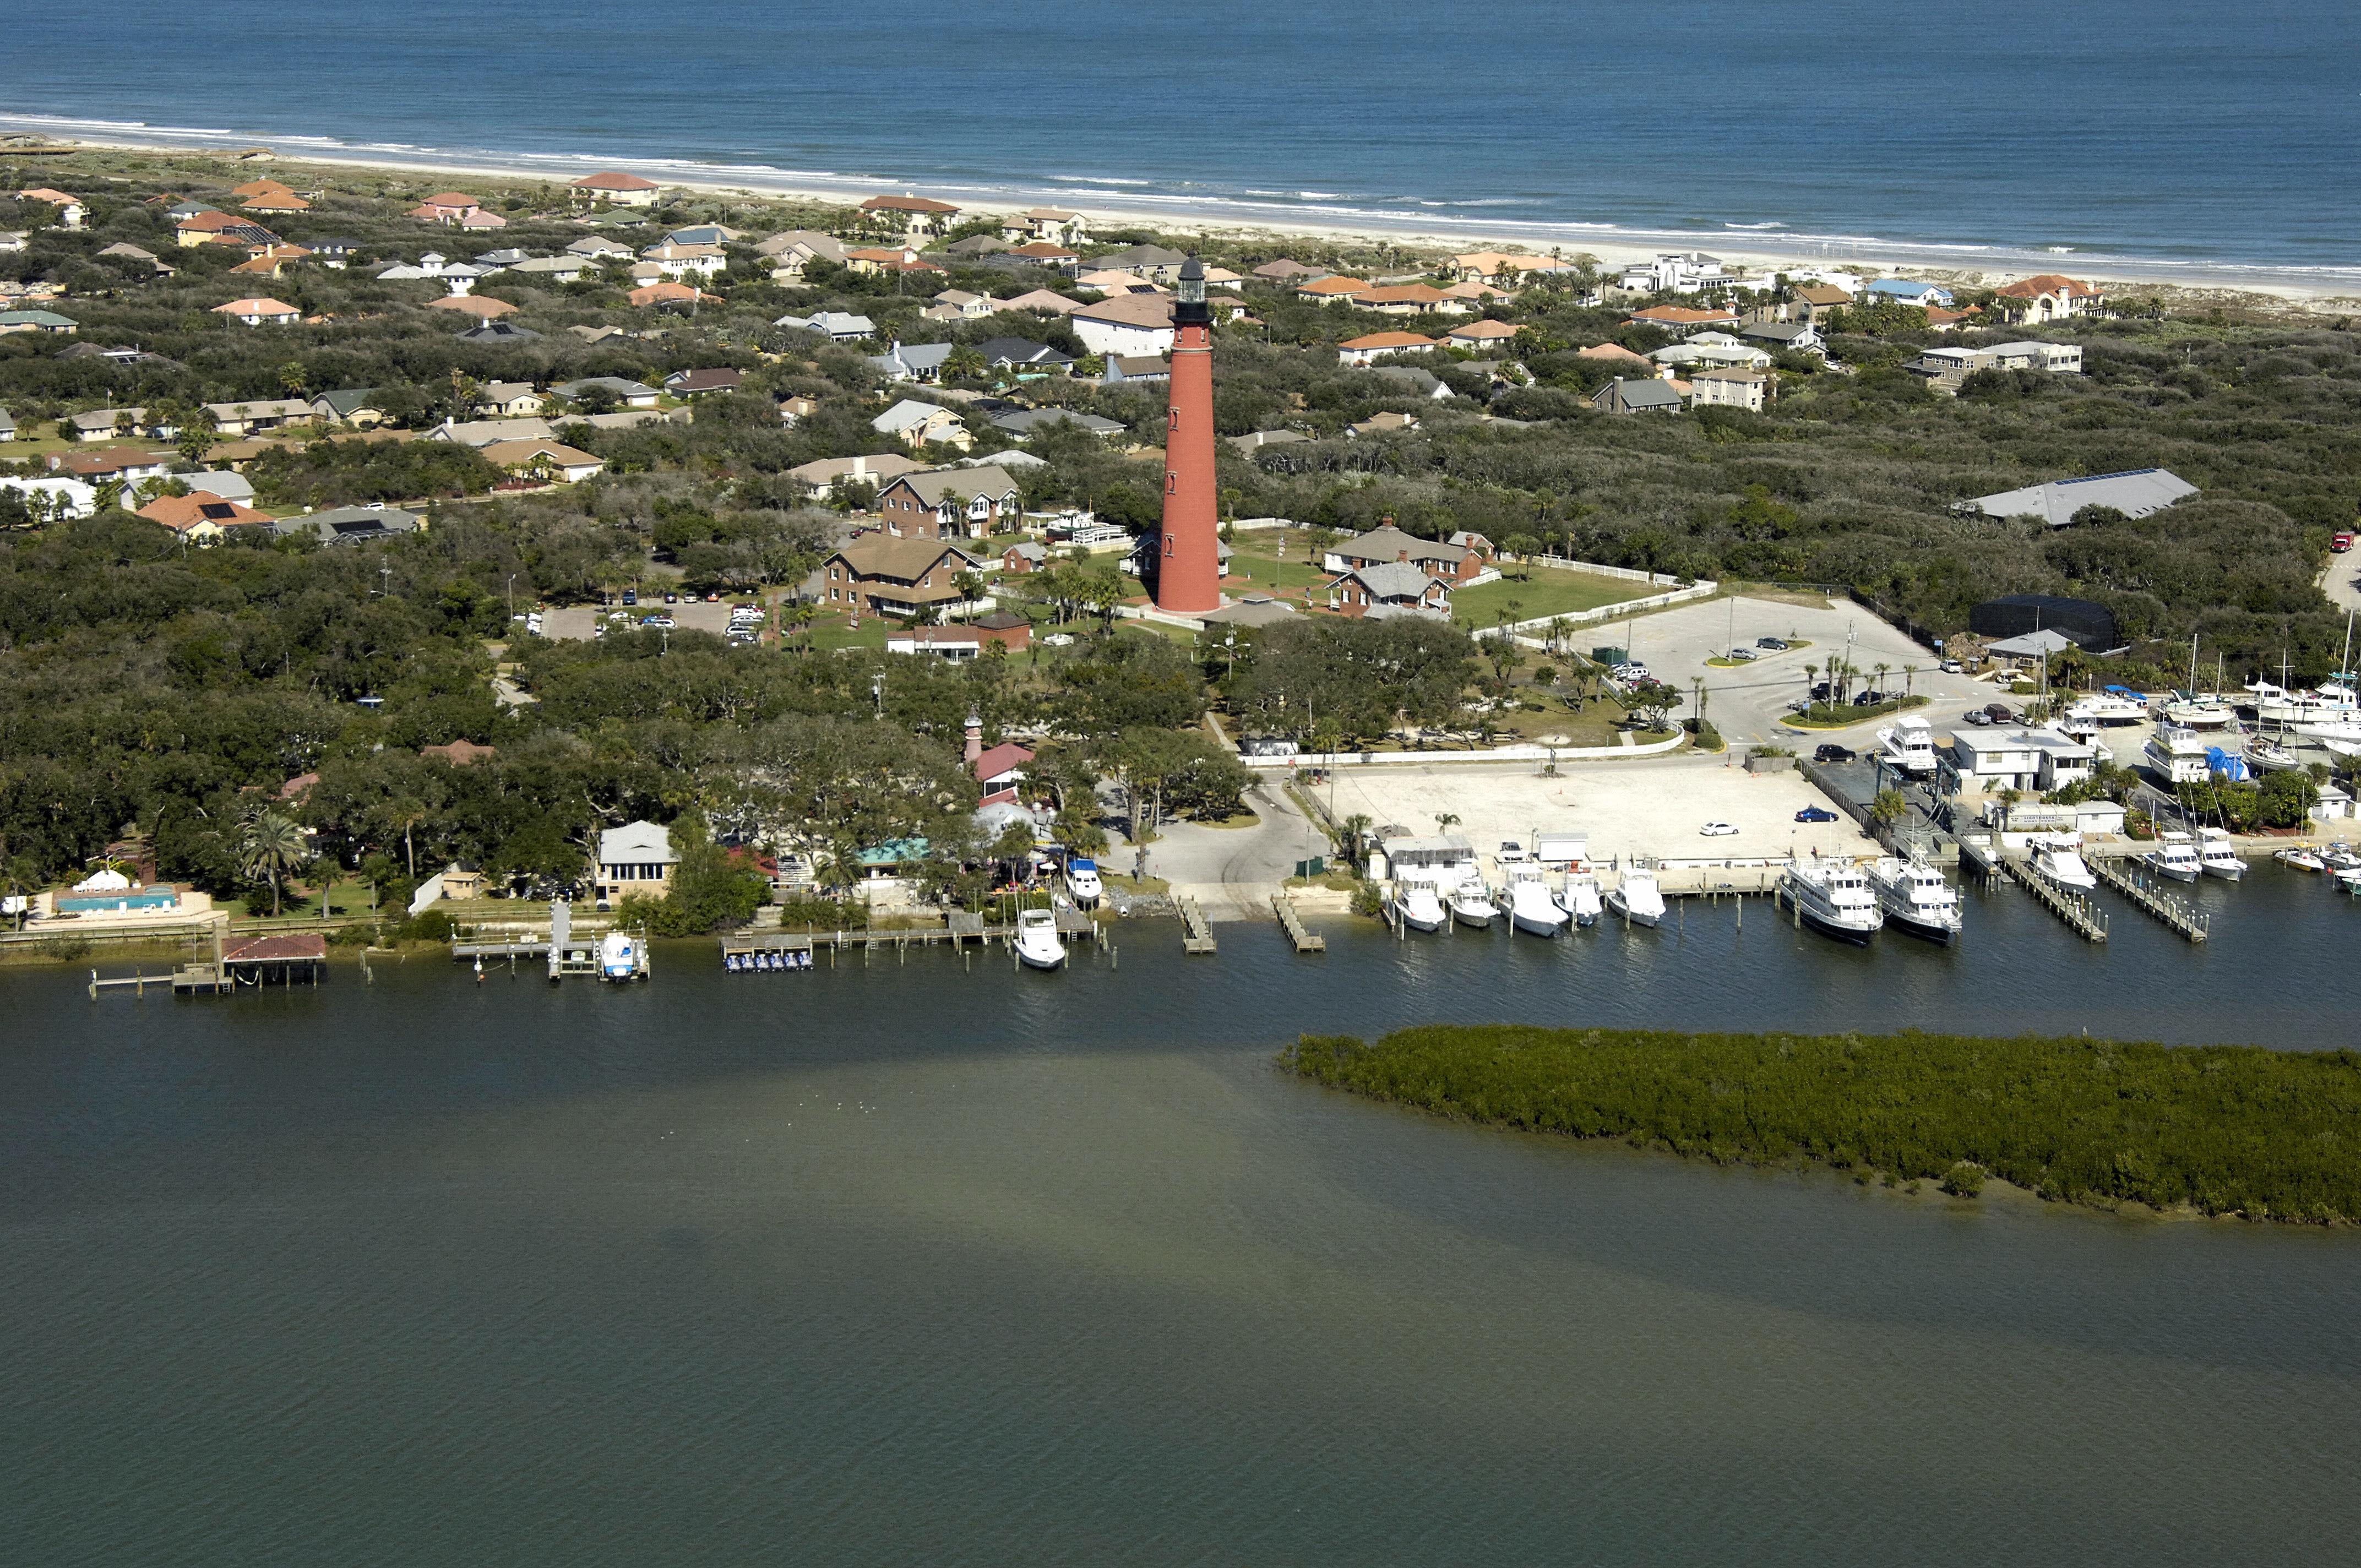 Temperature In Pompano Beach Florida